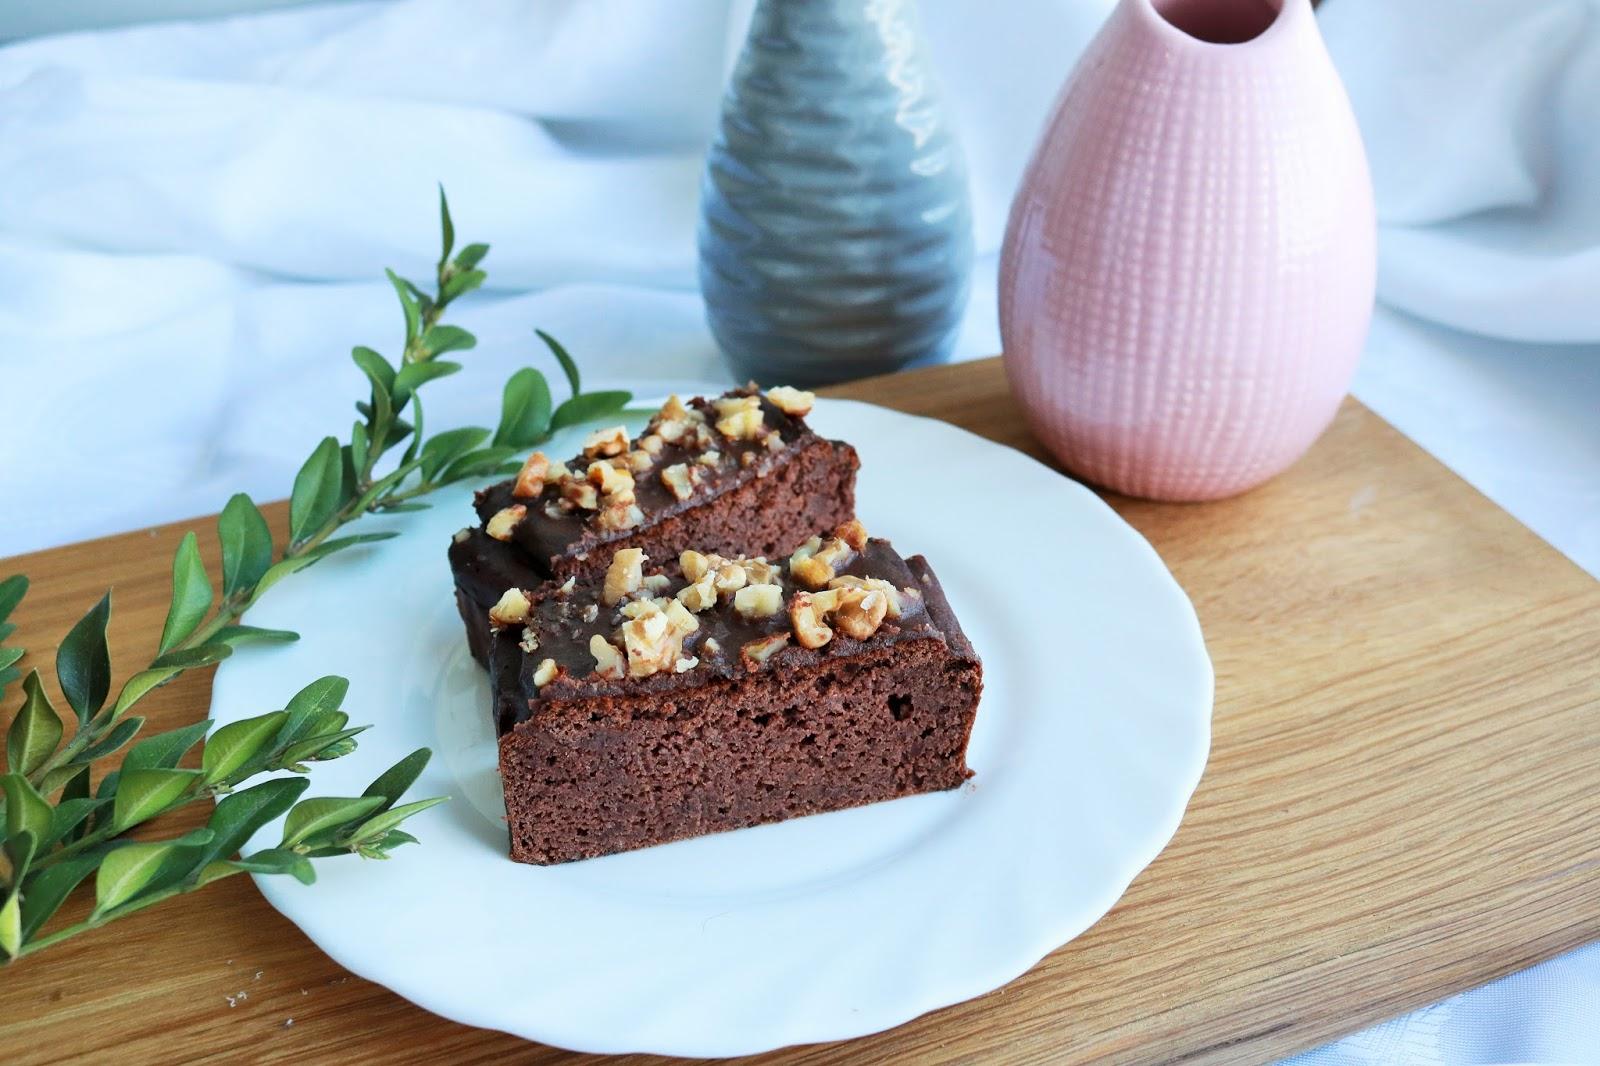 zdrowe słodycze ciasto fit